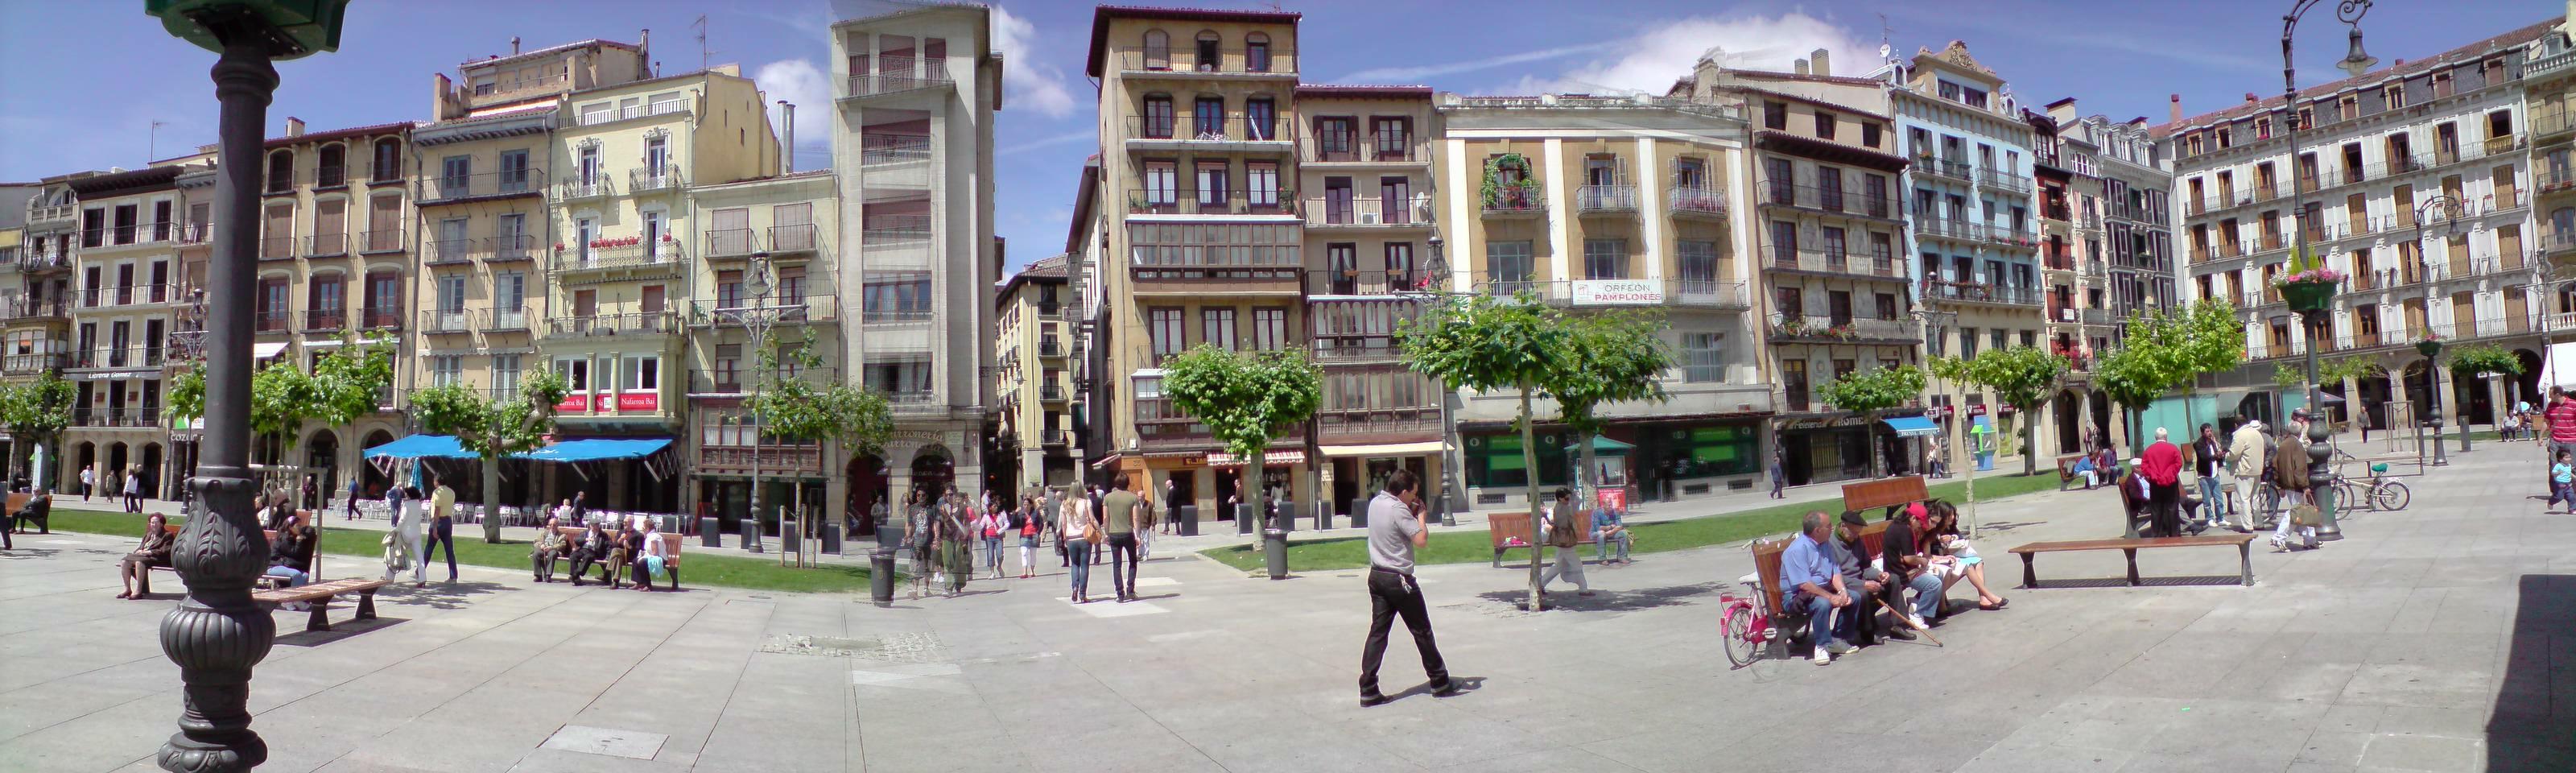 Pamplona  Wikipedia